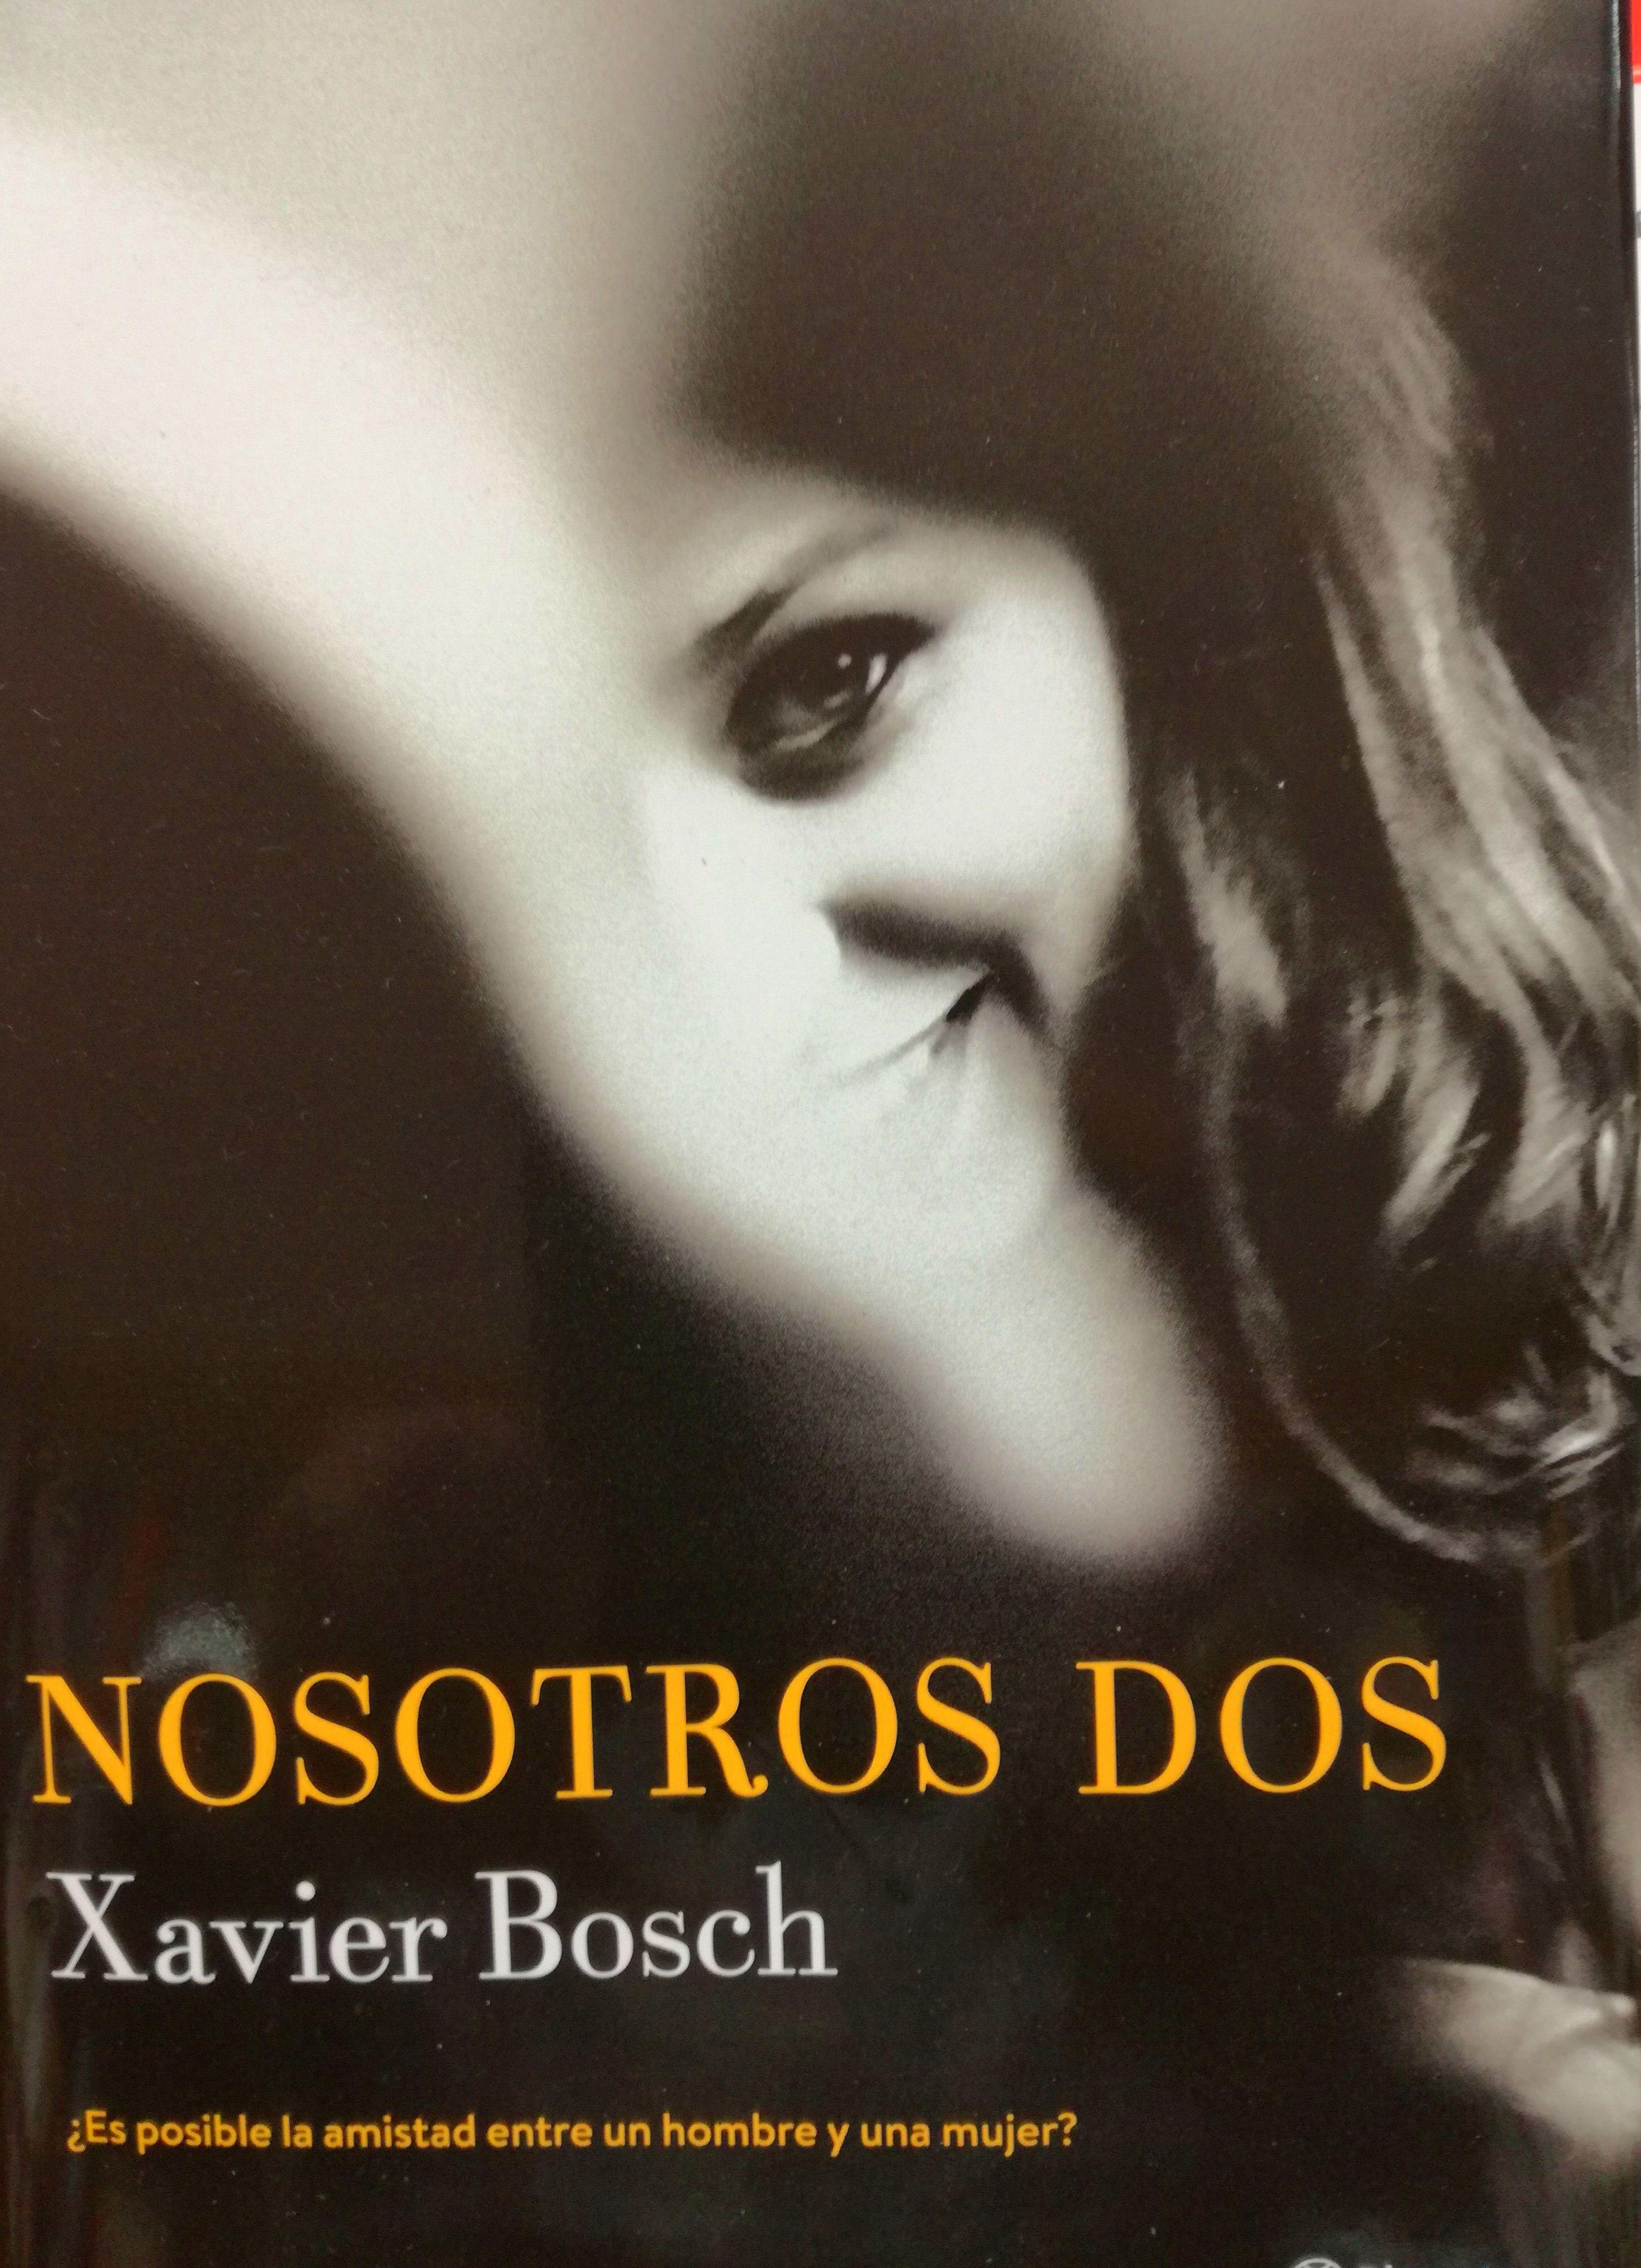 NOSOTROS DOS : SECCIONES de Librería Nueva Plaza Universitaria